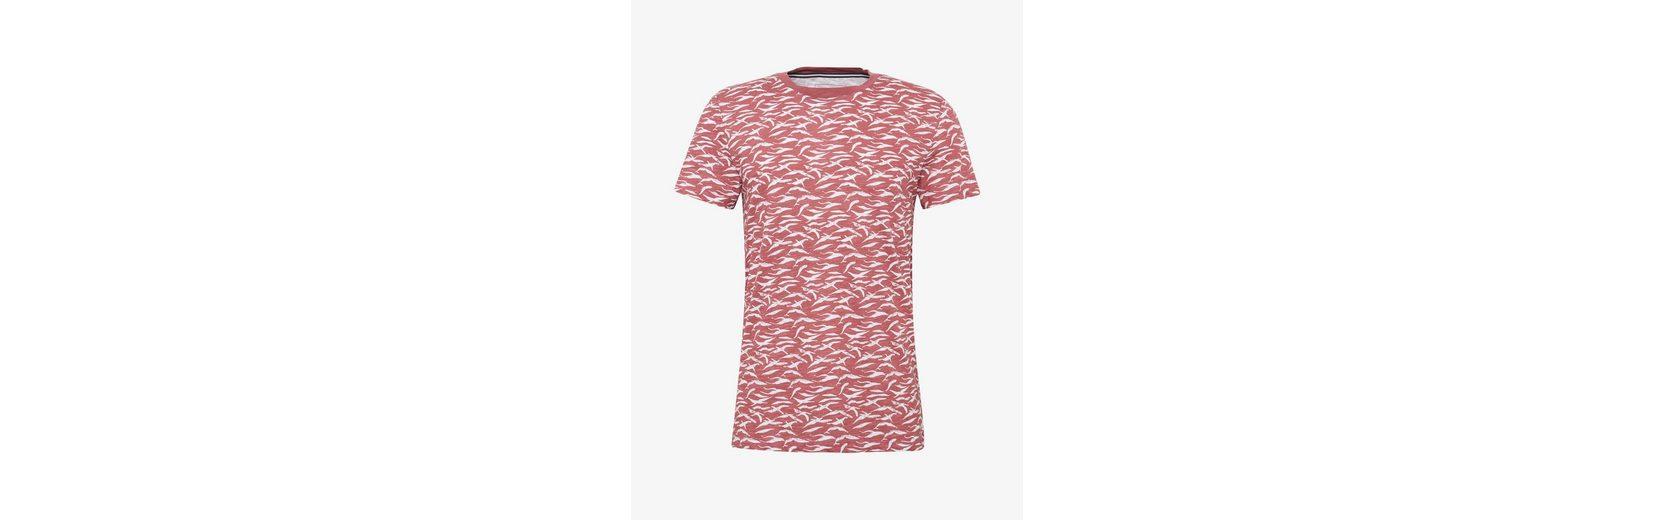 Auslass Geniue Fachhändler Rabatt Erstaunlicher Preis Tom Tailor Denim T-Shirt gemustertes T-Shirt Günstig Kaufen Low-Cost 2vliC